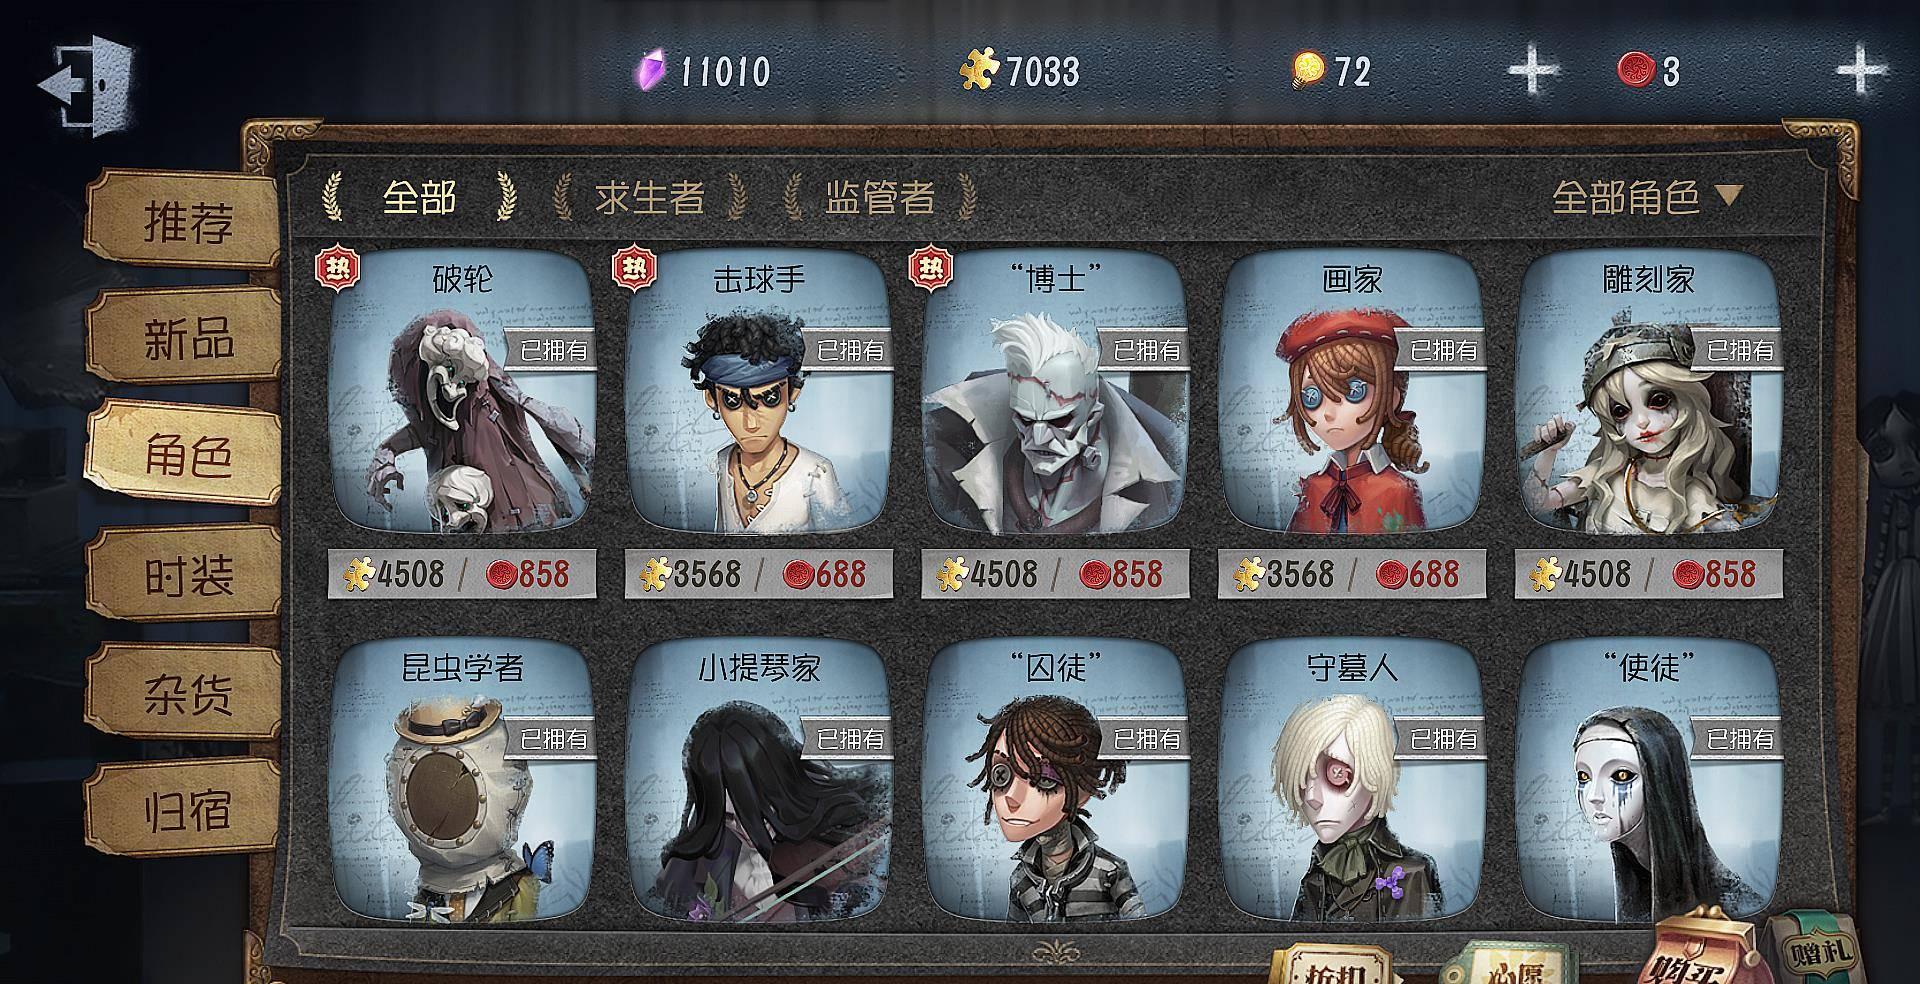 第五人格玩家10回声换到魔术师,新人的爆率让老玩家羡慕